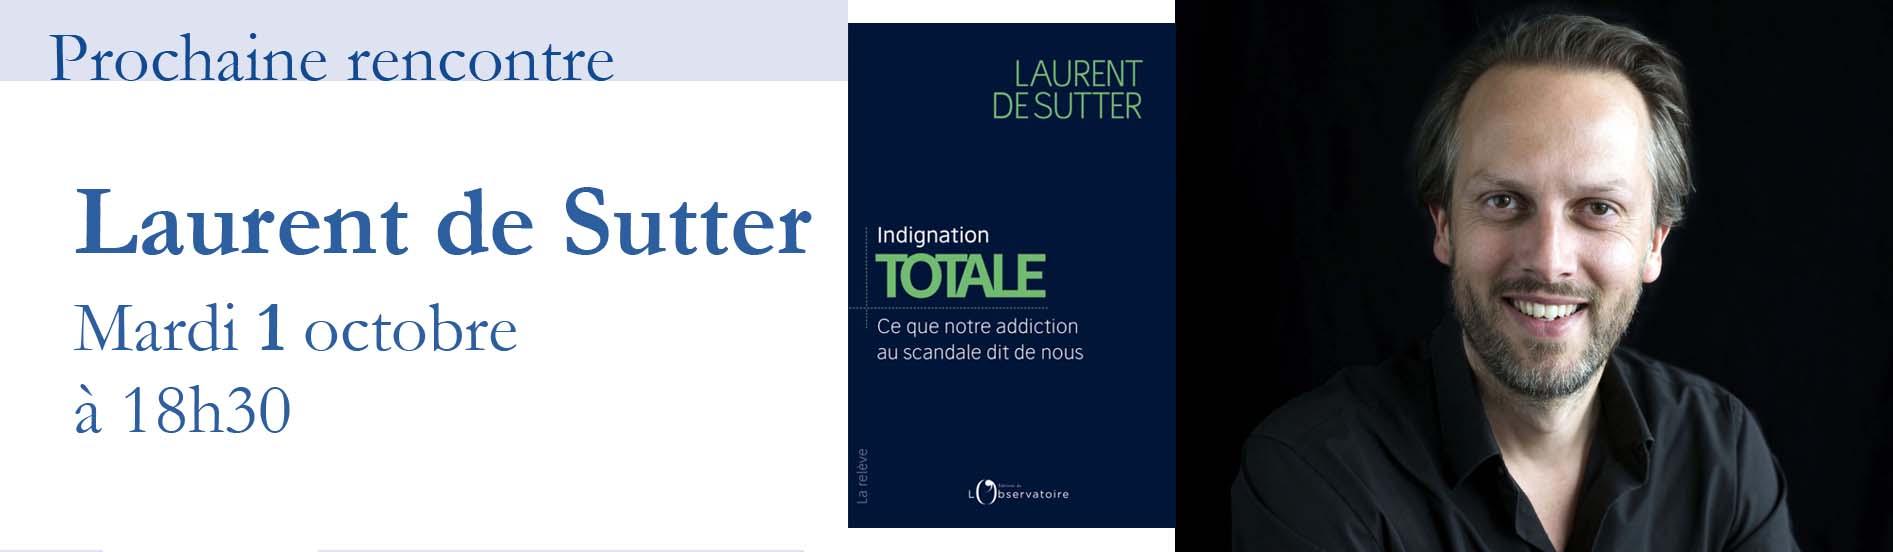 Rencontre avec Laurent de Sutter